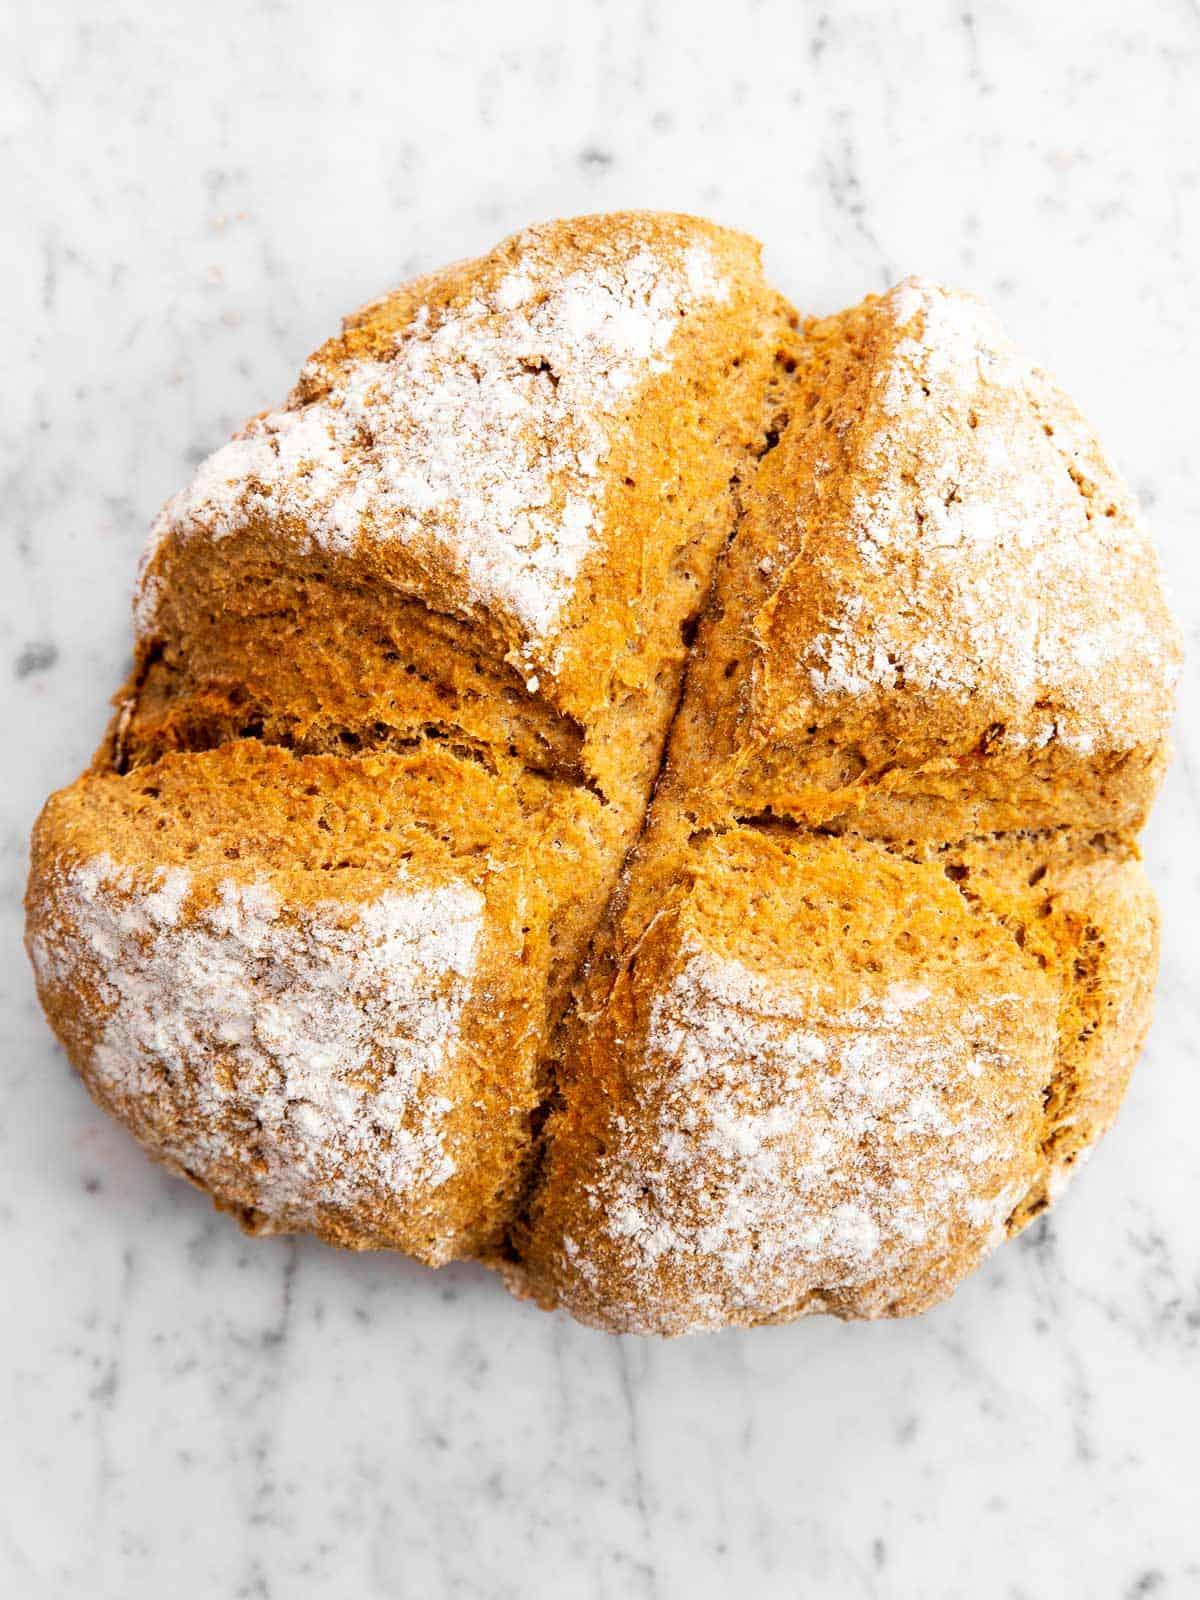 baked Irish soda bread on marble surface